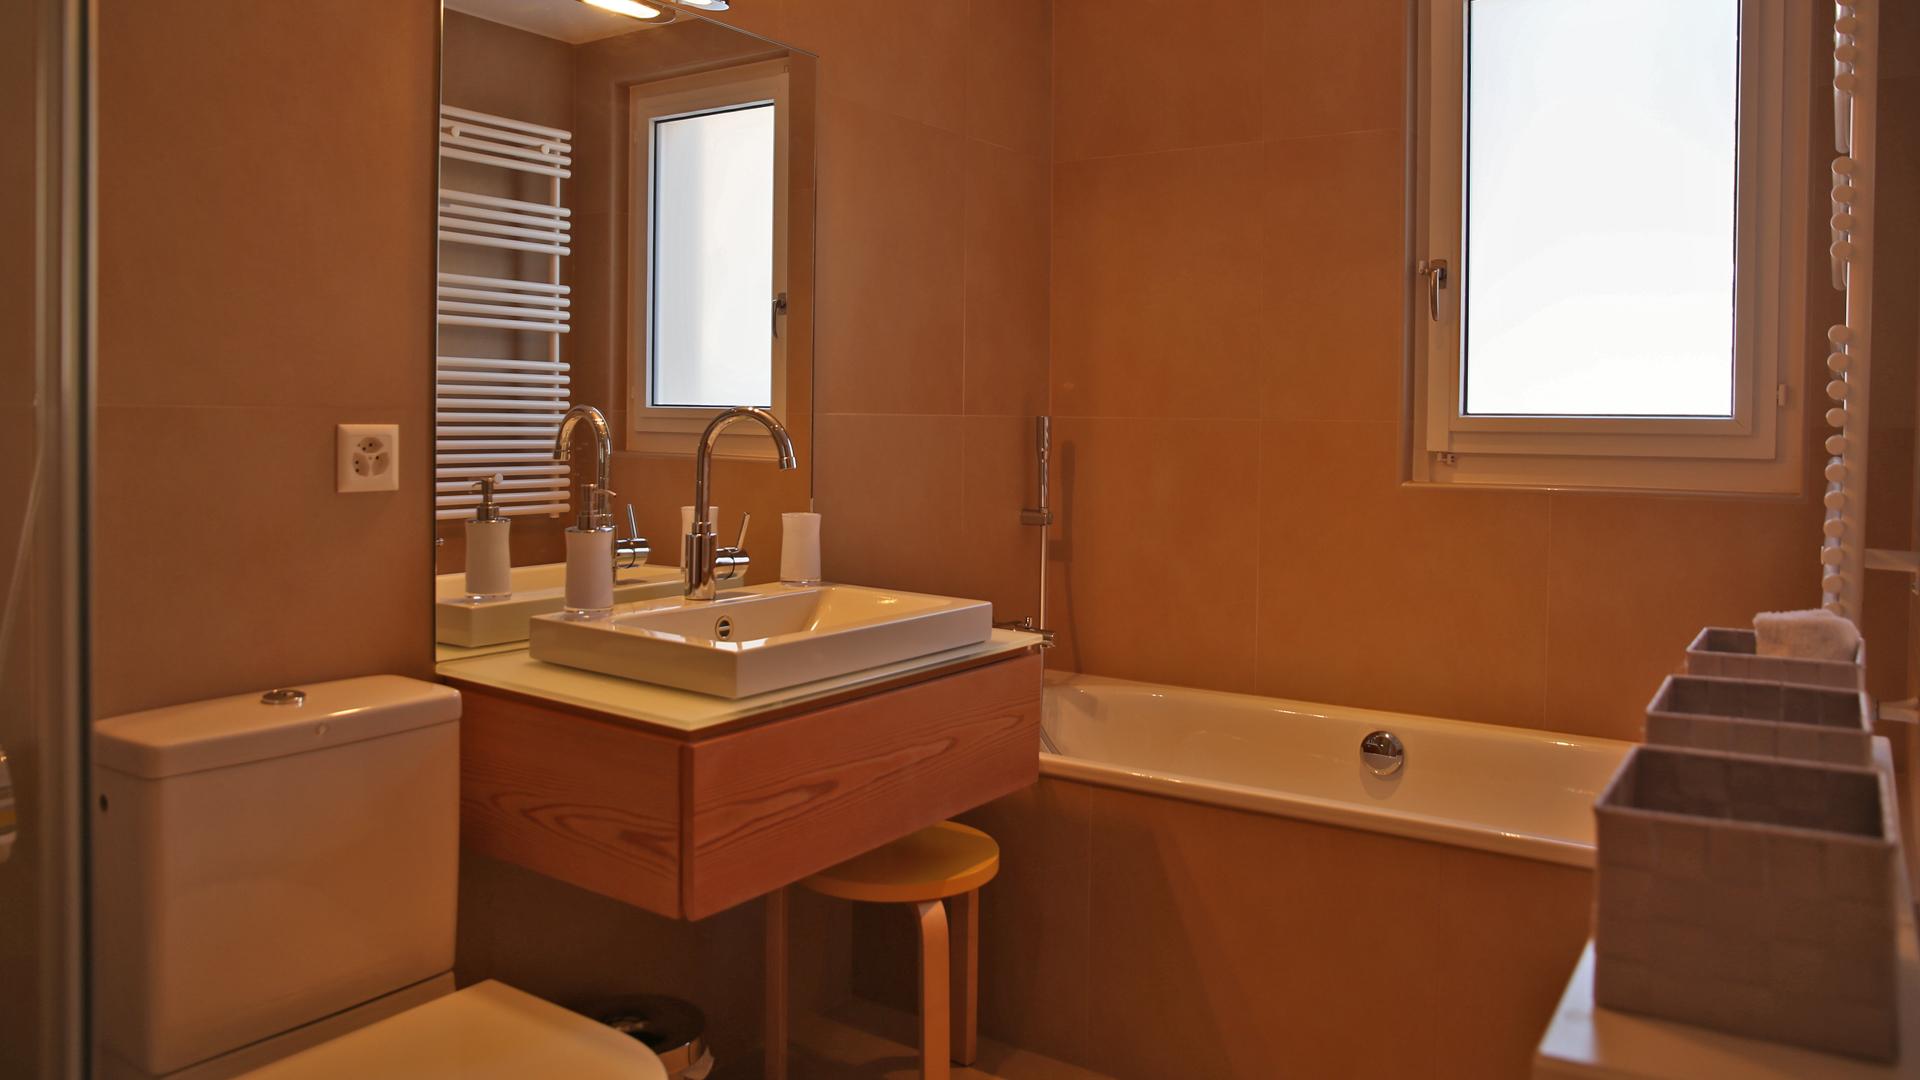 Plein Soleil 3 Apartments, Switzerland